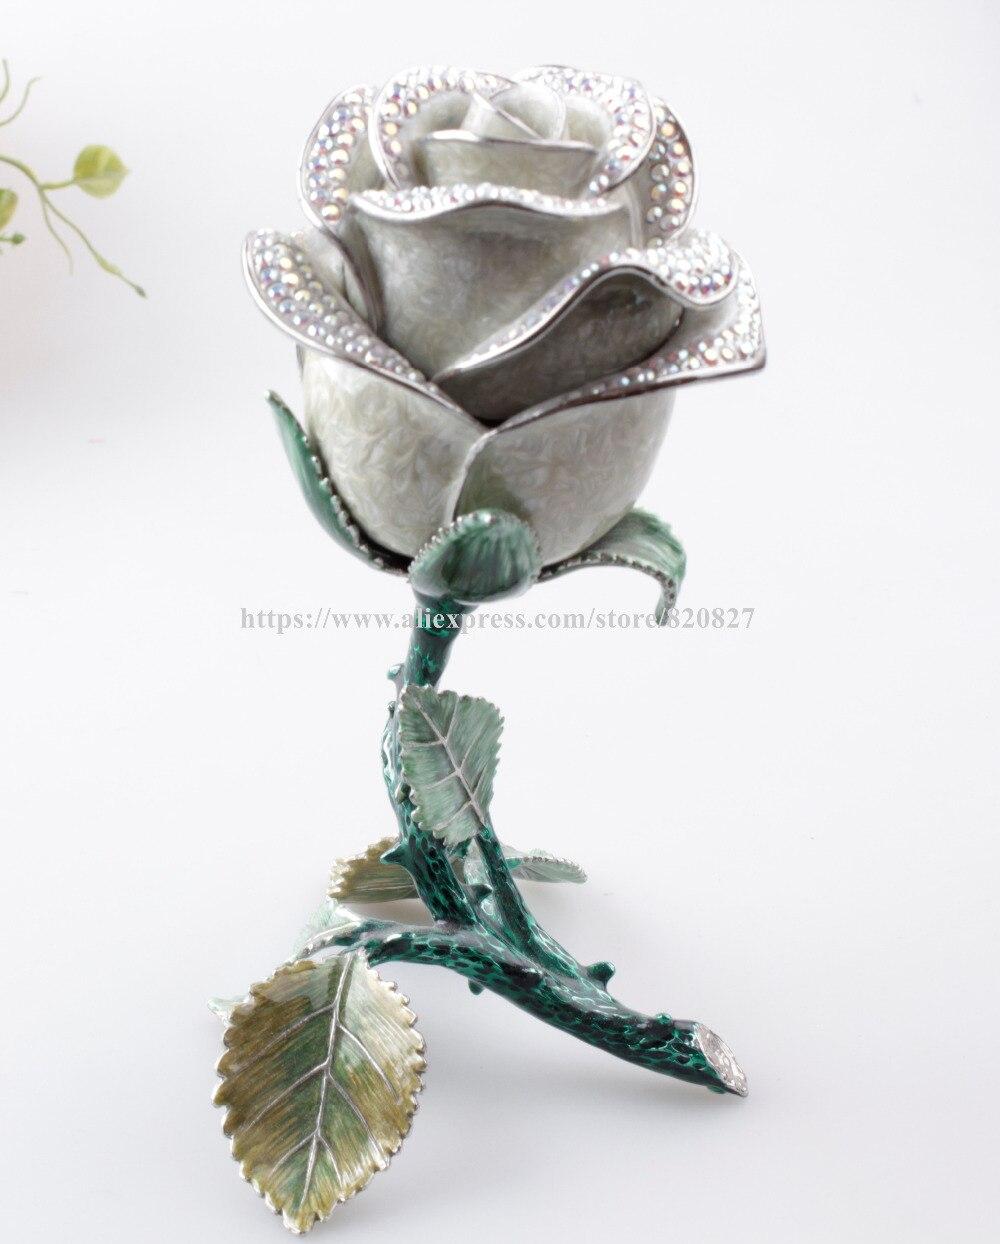 Princesse rose fleur métal vintage boîte à bijoux bijoux affichage emballage classique mode chic porte-bijoux